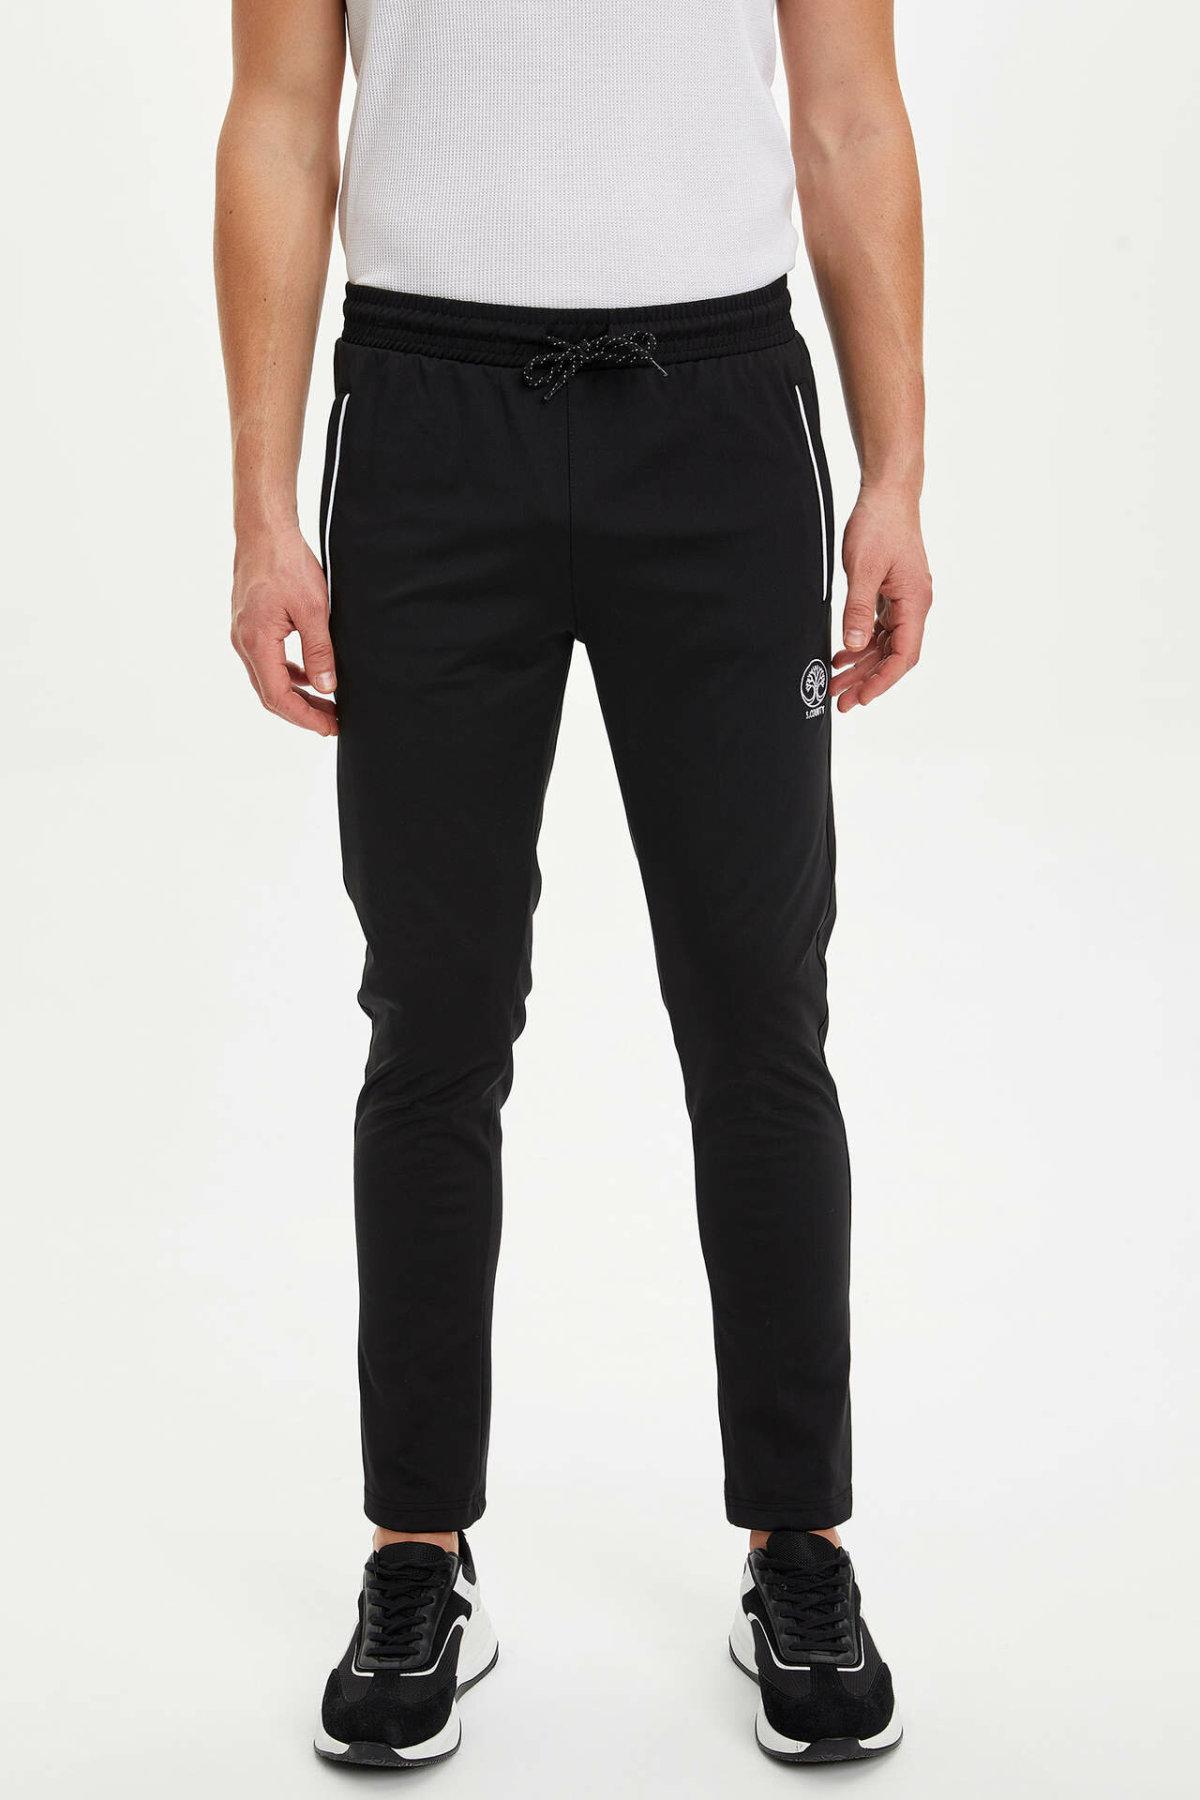 DeFacto Man Autumn Casual Black Long Pants Men Lace-up Bottoms Male Sports Pants Men Striped Trousers-M8362AZ19AU